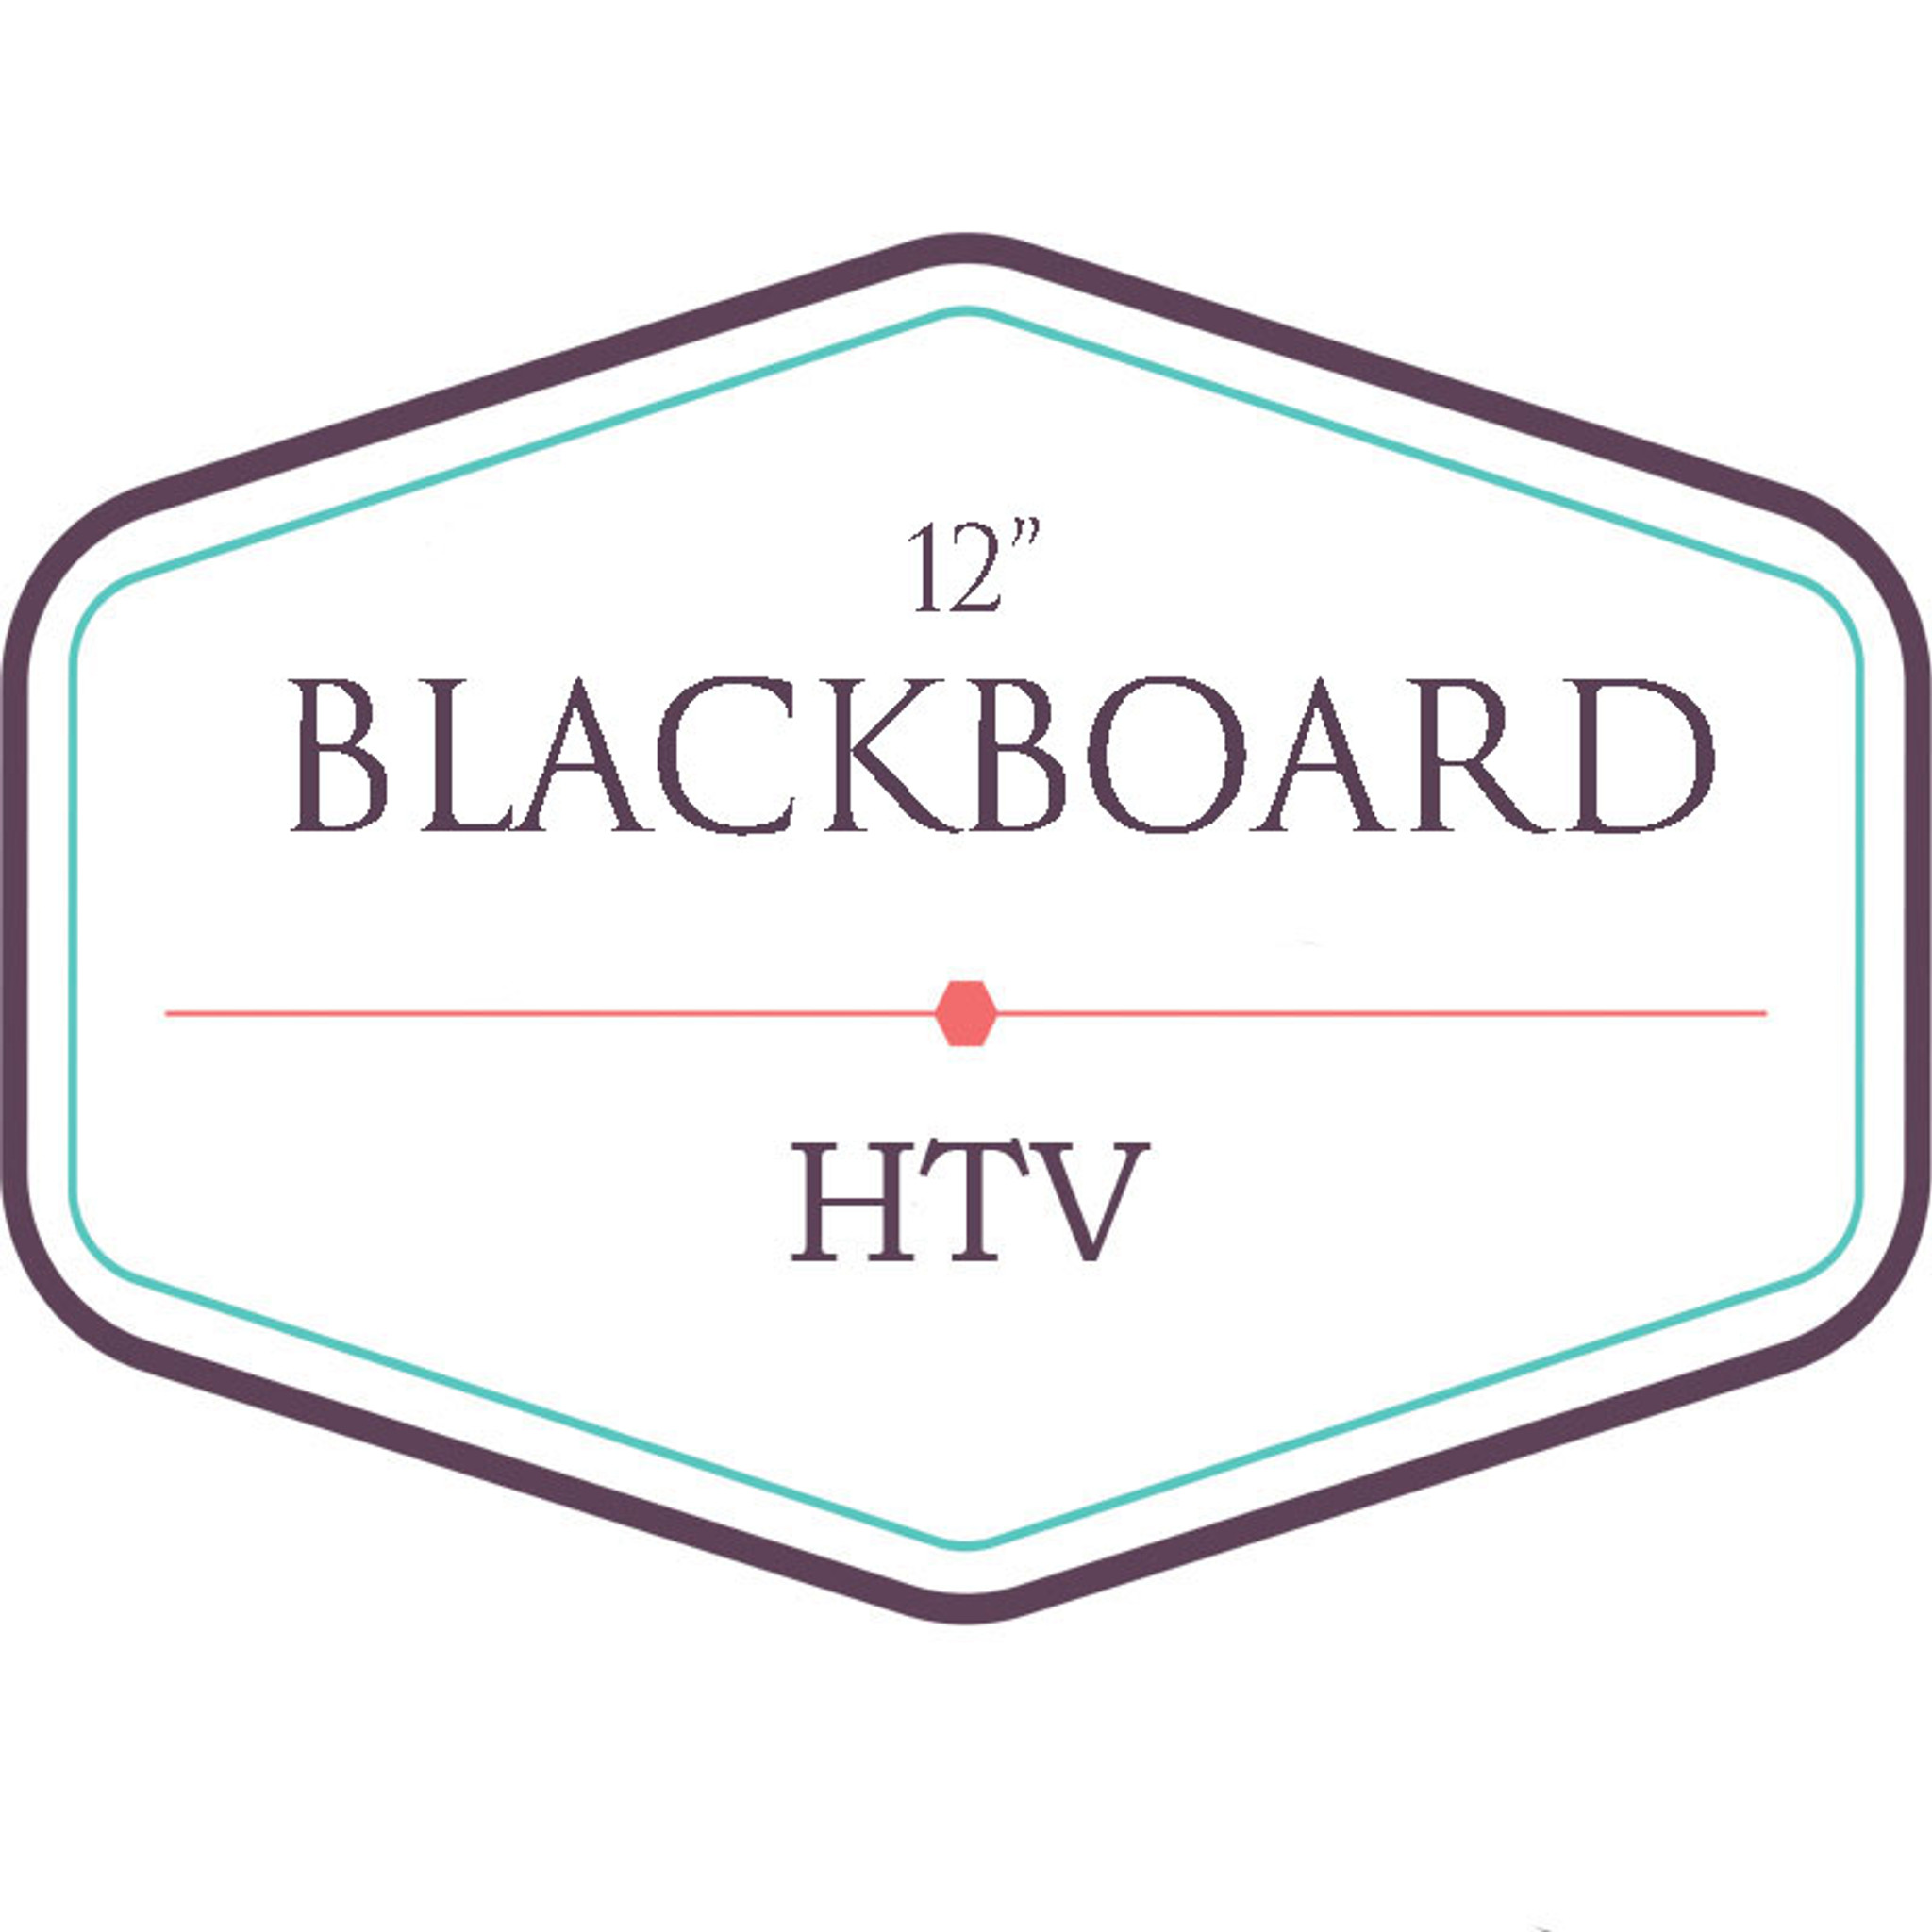 BlackBoard HTV